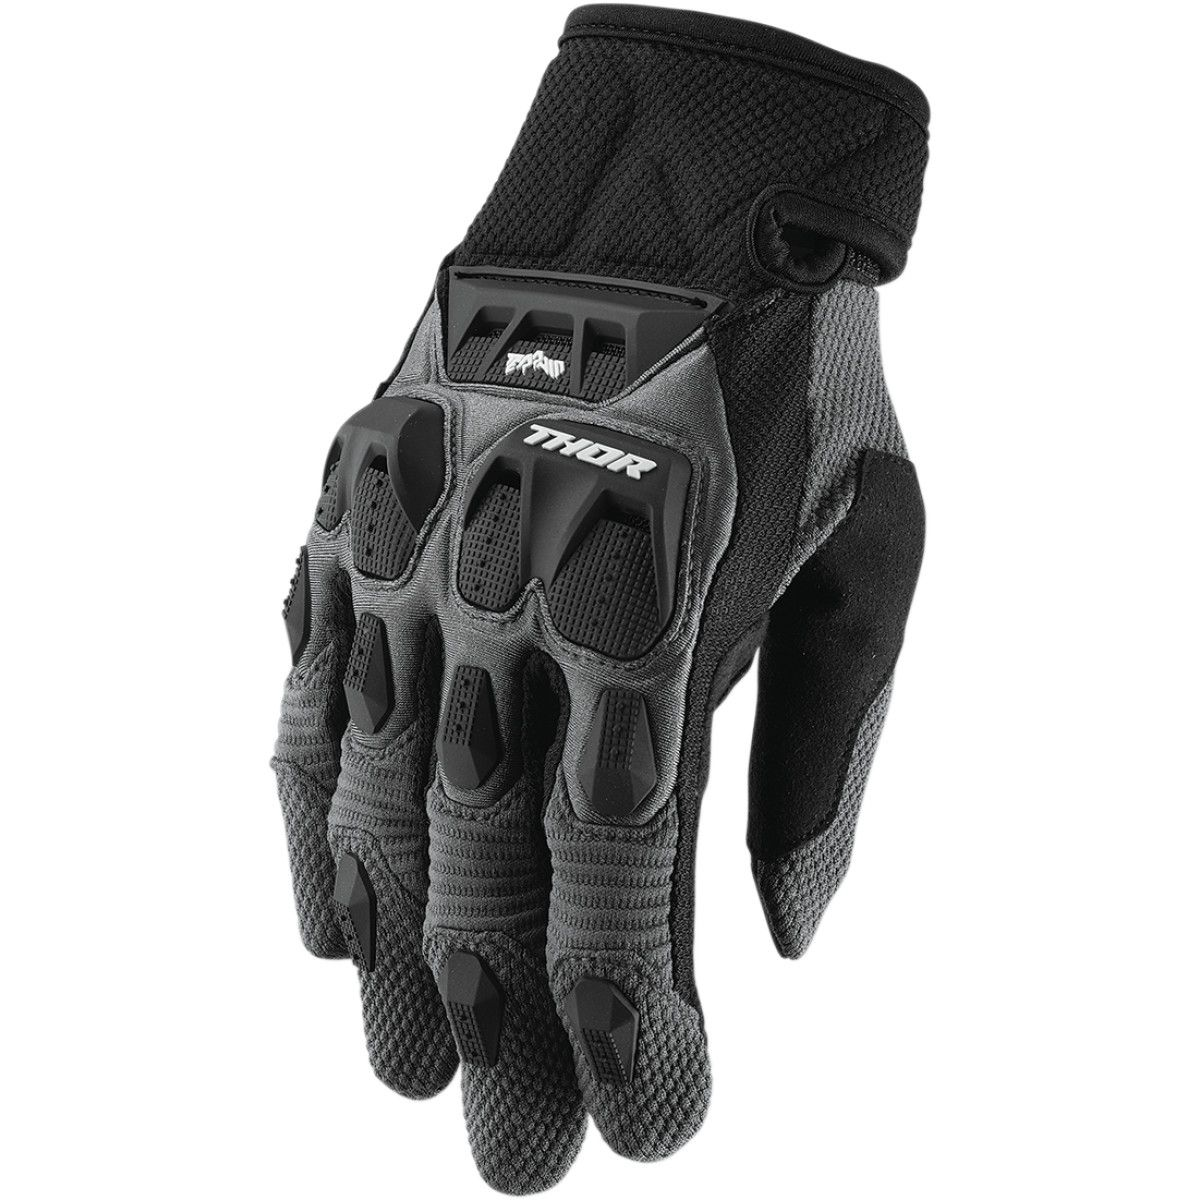 Thor Terrain Enduro Handschoenen Black/Grey